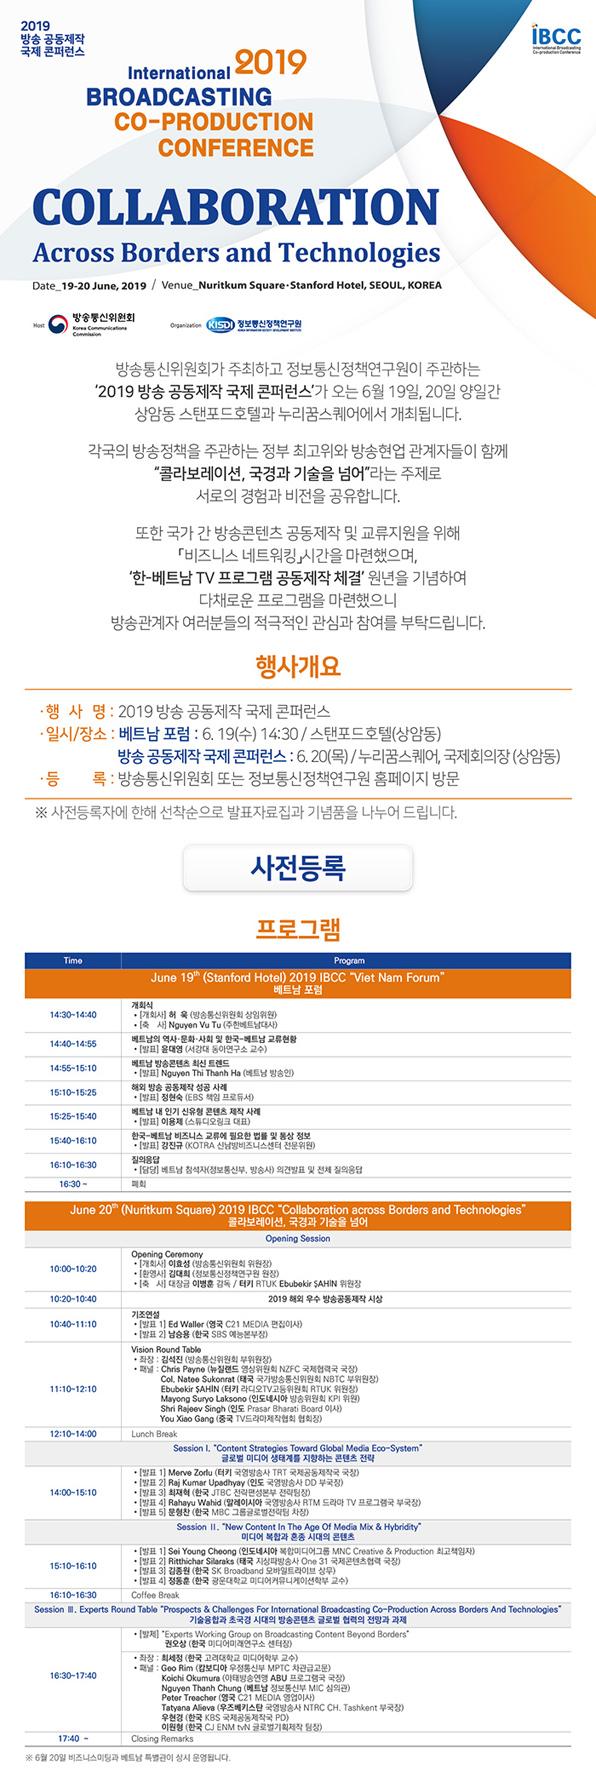 2019 방송 공동제작 국제 콘퍼런스